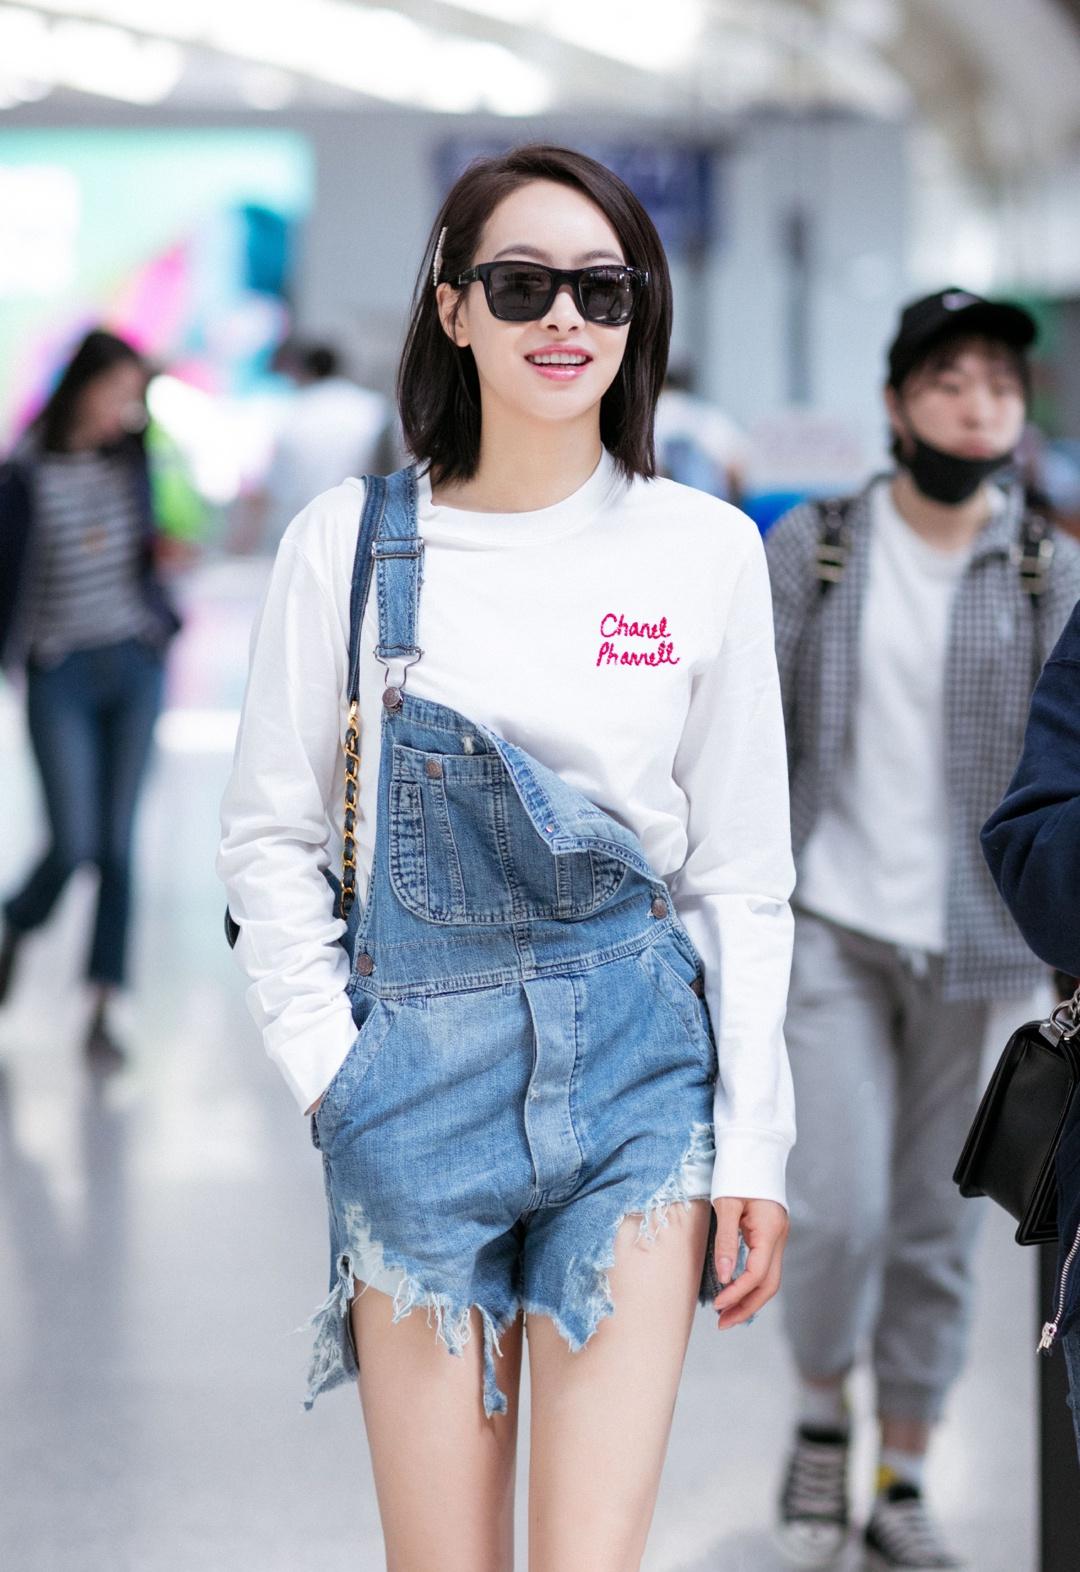 Dương Mịch - Tống Thiến - Jennie cùng 'hack tuổi' tài tình với 1 mẫu quần nhưng khác biệt về độ chất mới đáng bàn 3